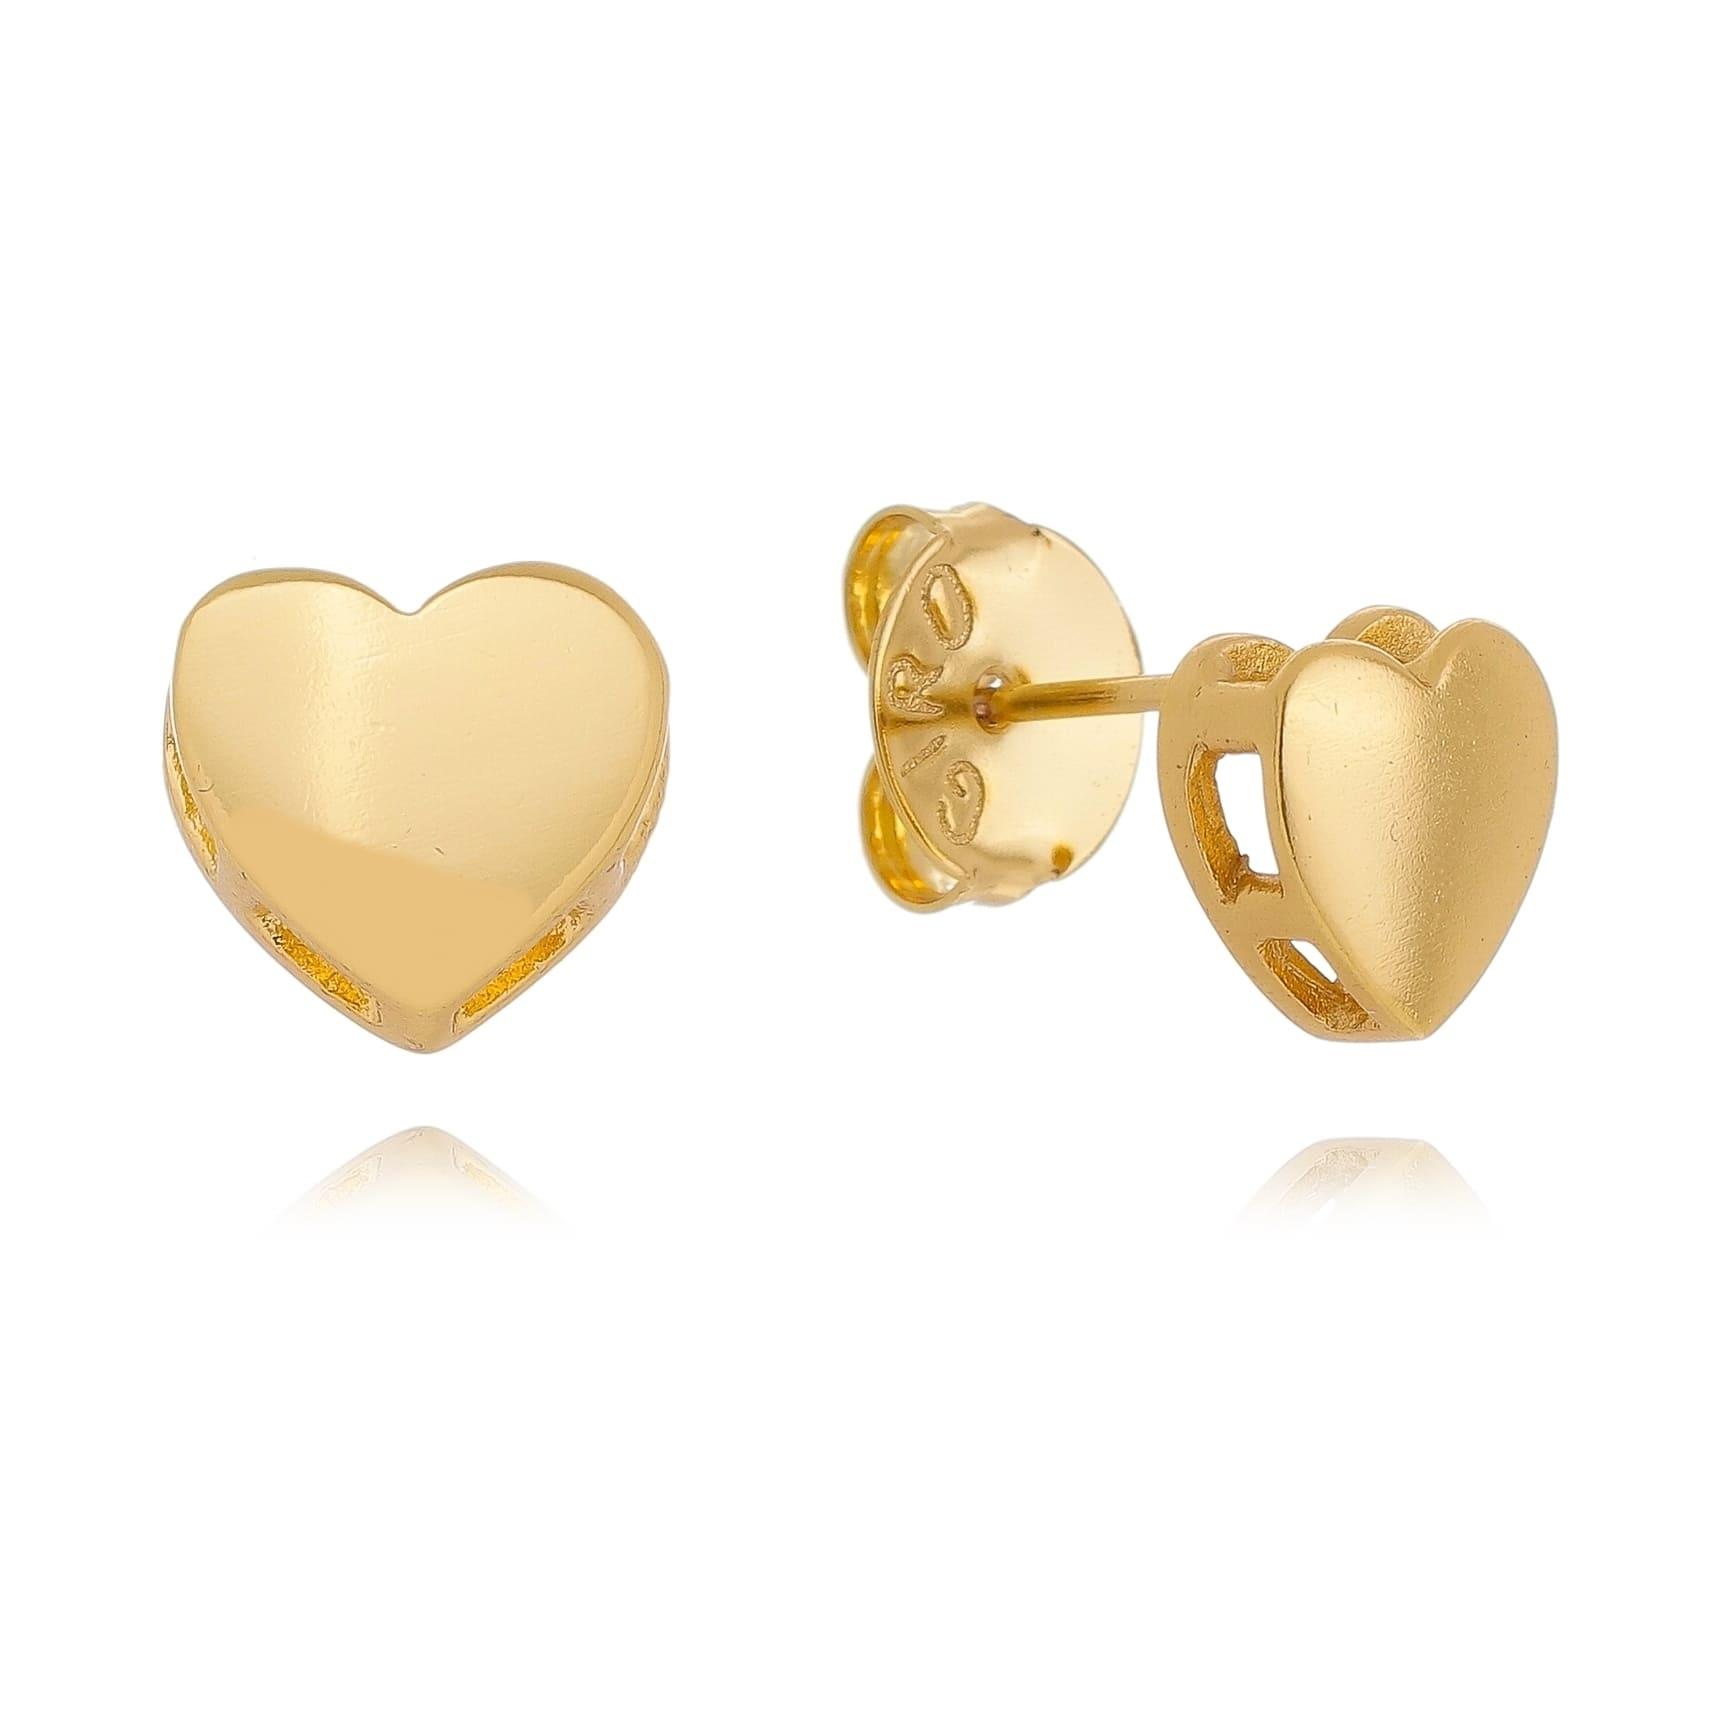 Brinco Coração Folheado em Ouro 18k